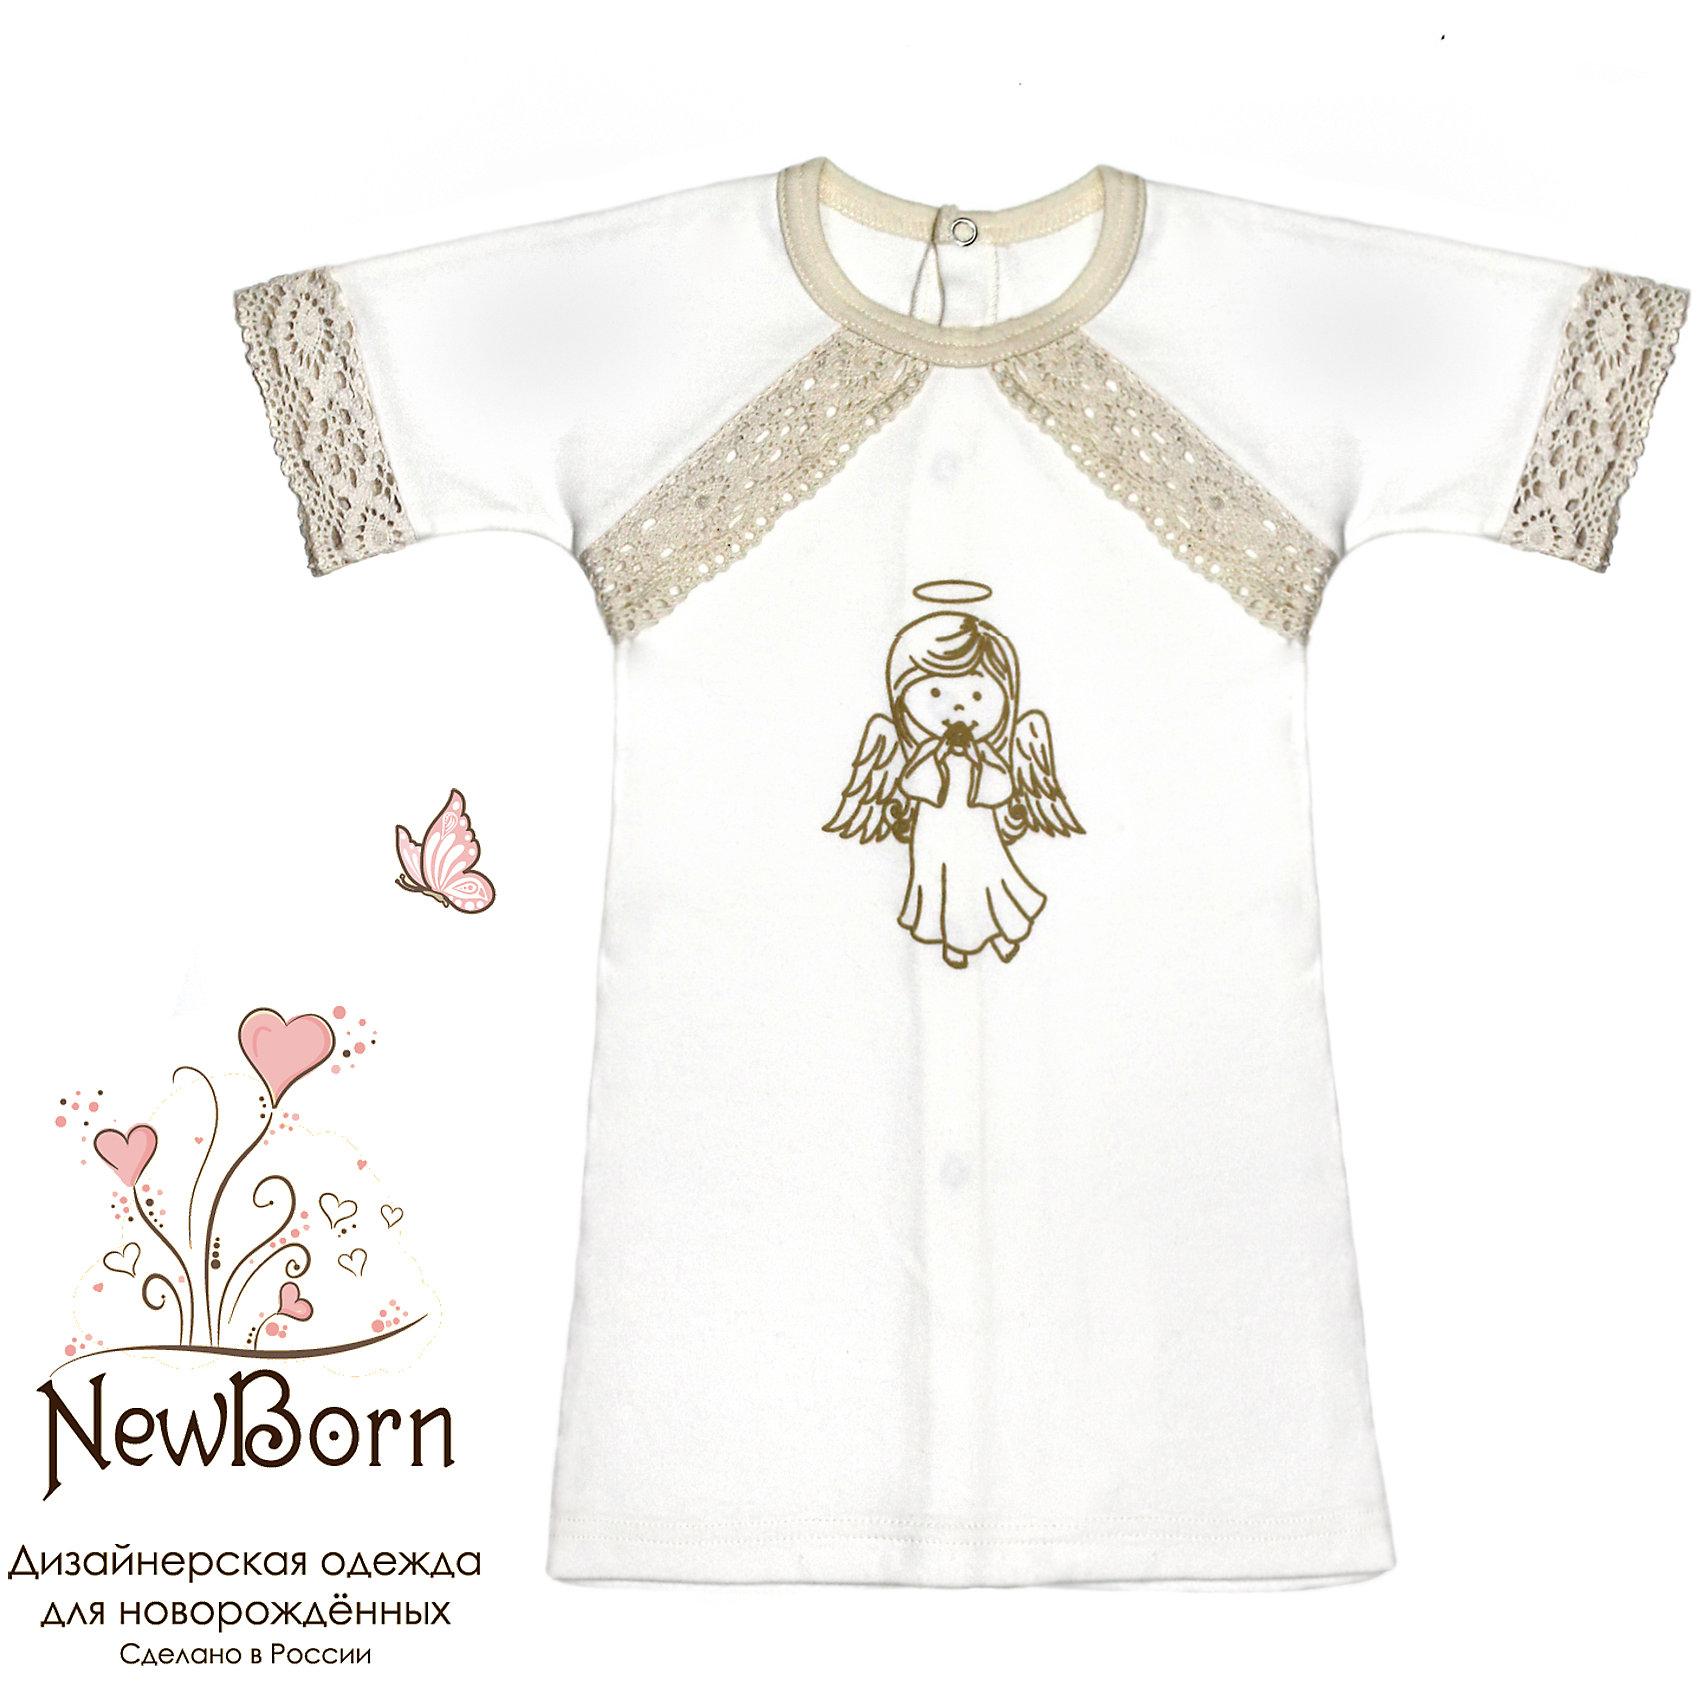 Крестильная рубашка с тесьмой, р-р 74, NewBorn, белыйХарактеристики:<br><br>• Вид детской одежды: рубашка<br>• Предназначение: для крещения<br>• Коллекция: NewBorn<br>• Сезон: круглый год<br>• Пол: для мальчика<br>• Тематика рисунка: ангелы<br>• Размер: 74<br>• Цвет: белый, золотистый<br>• Материал: трикотаж, хлопок<br>• Длина рукава: короткие<br>• Застежка: сзади на кнопке<br>• Декорирована широкой тесьмой золотистого цвета<br>• Передняя полочка украшена термонаклейкой в виде ангела и тесьмой<br>• Особенности ухода: допускается деликатная стирка без использования красящих и отбеливающих средств<br><br>Крестильная рубашка с тесьмой, р-р 74, NewBorn, белый из коллекции NewBorn от отечественного швейного производства ТексПром предназначено для создания праздничного образа мальчика во время торжественного обряда крещения. Рубашка представлена в коллекции NewBorn, которая сочетает в себе классические и современные тенденции в мире моды для новорожденных, при этом при технологии изготовления детской одежды сохраняются самые лучшие традиции: свободный крой, внешние швы и натуральные ткани. Рубашка с короткими рукавами и круглой горловиной, обработанной бейкой из трикотажа золотистого цвета. Застежка на кнопках предусмотрена на спинке, что обеспечивает ее легкое одевание. Праздничный образ создается за счет отделки рукавов, и передней полочки широким кружевом золотистого цвета и термонаклейки в виде ангела. <br><br>Крестильную рубашку с тесьмой, р-р 74, NewBorn, белый можно купить в нашем интернет-магазине.<br><br>Ширина мм: 220<br>Глубина мм: 5<br>Высота мм: 400<br>Вес г: 200<br>Возраст от месяцев: 6<br>Возраст до месяцев: 9<br>Пол: Унисекс<br>Возраст: Детский<br>SKU: 4912512